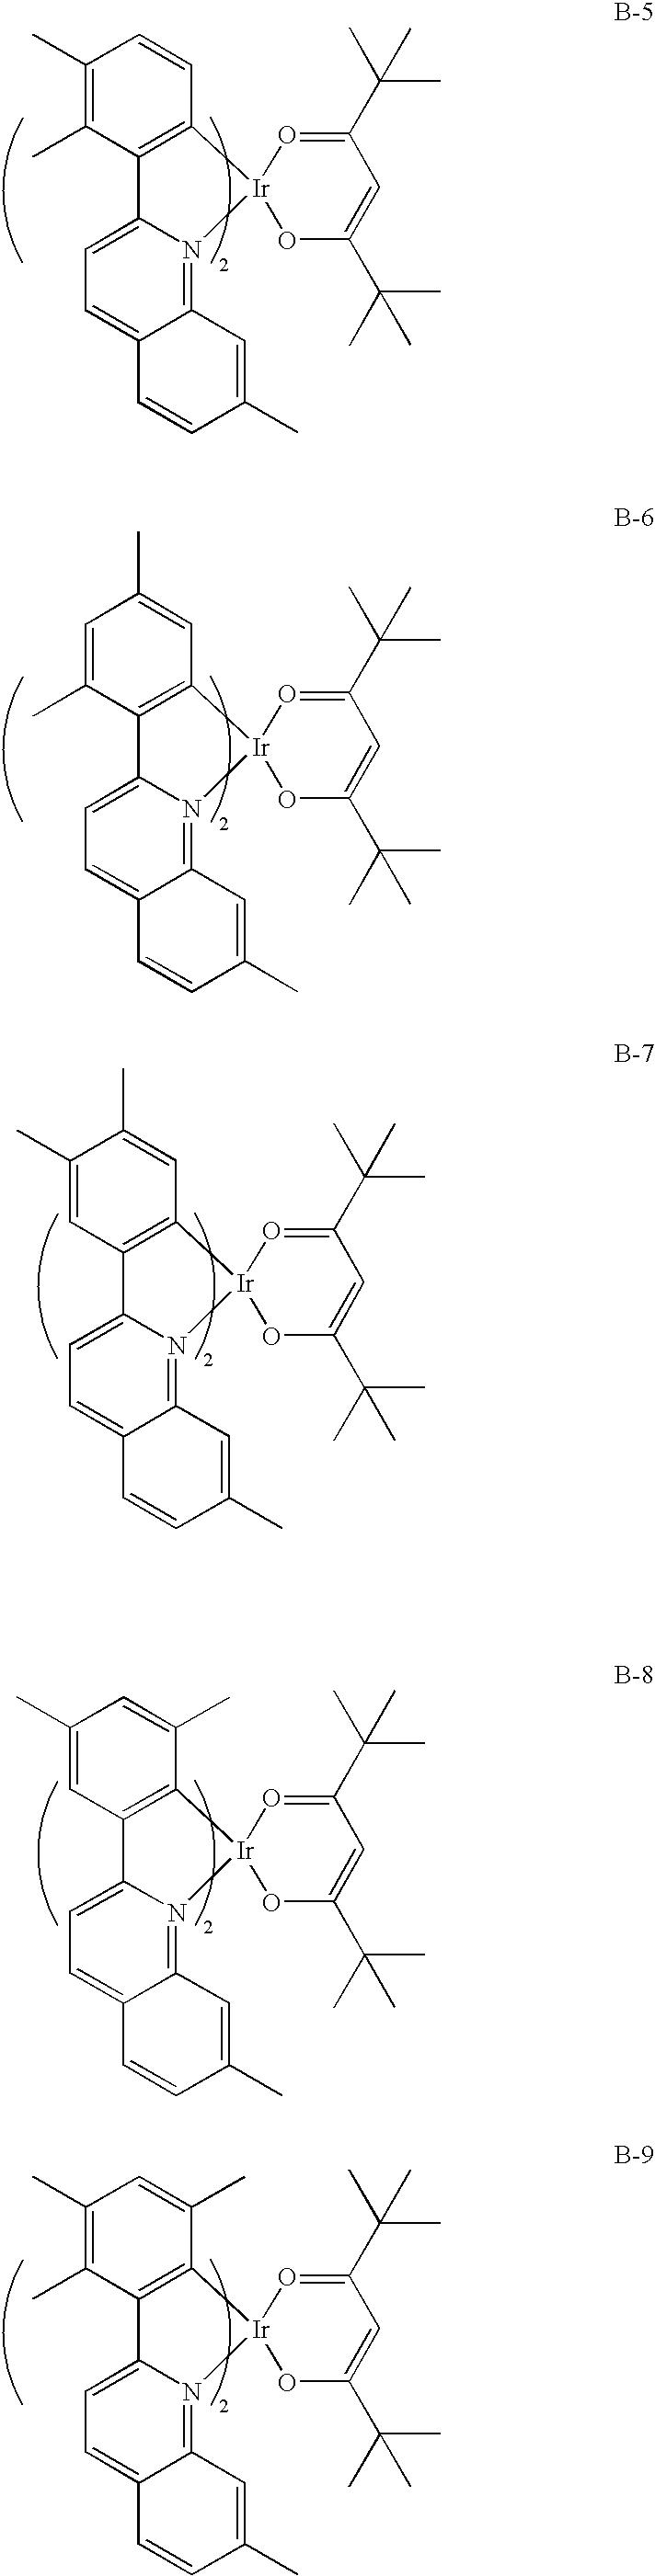 Figure US20060202194A1-20060914-C00018